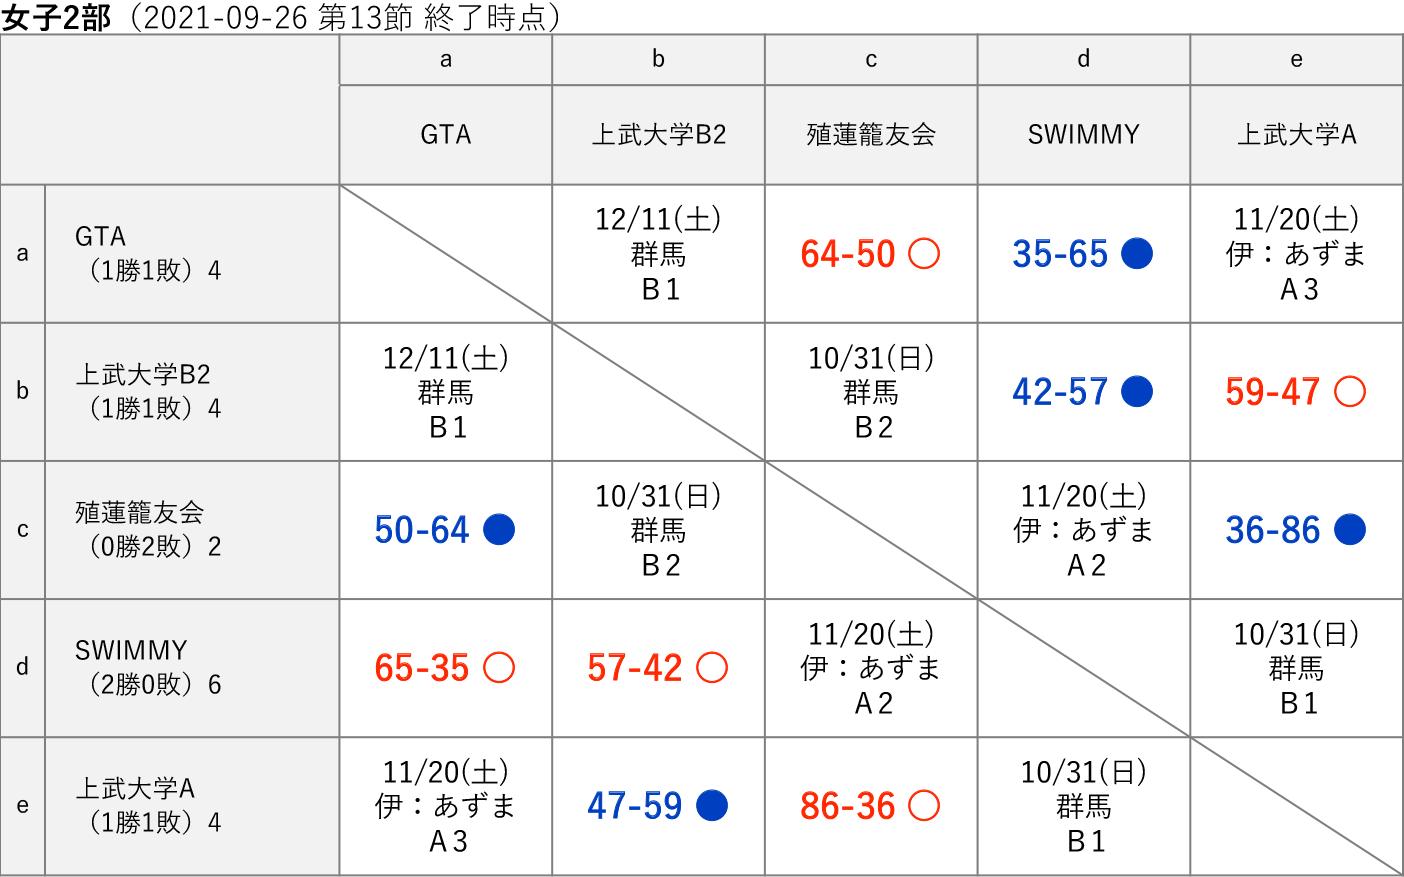 2021社会人リーグ 女子2部 星取り表(2021-09-26 第13節終了時)